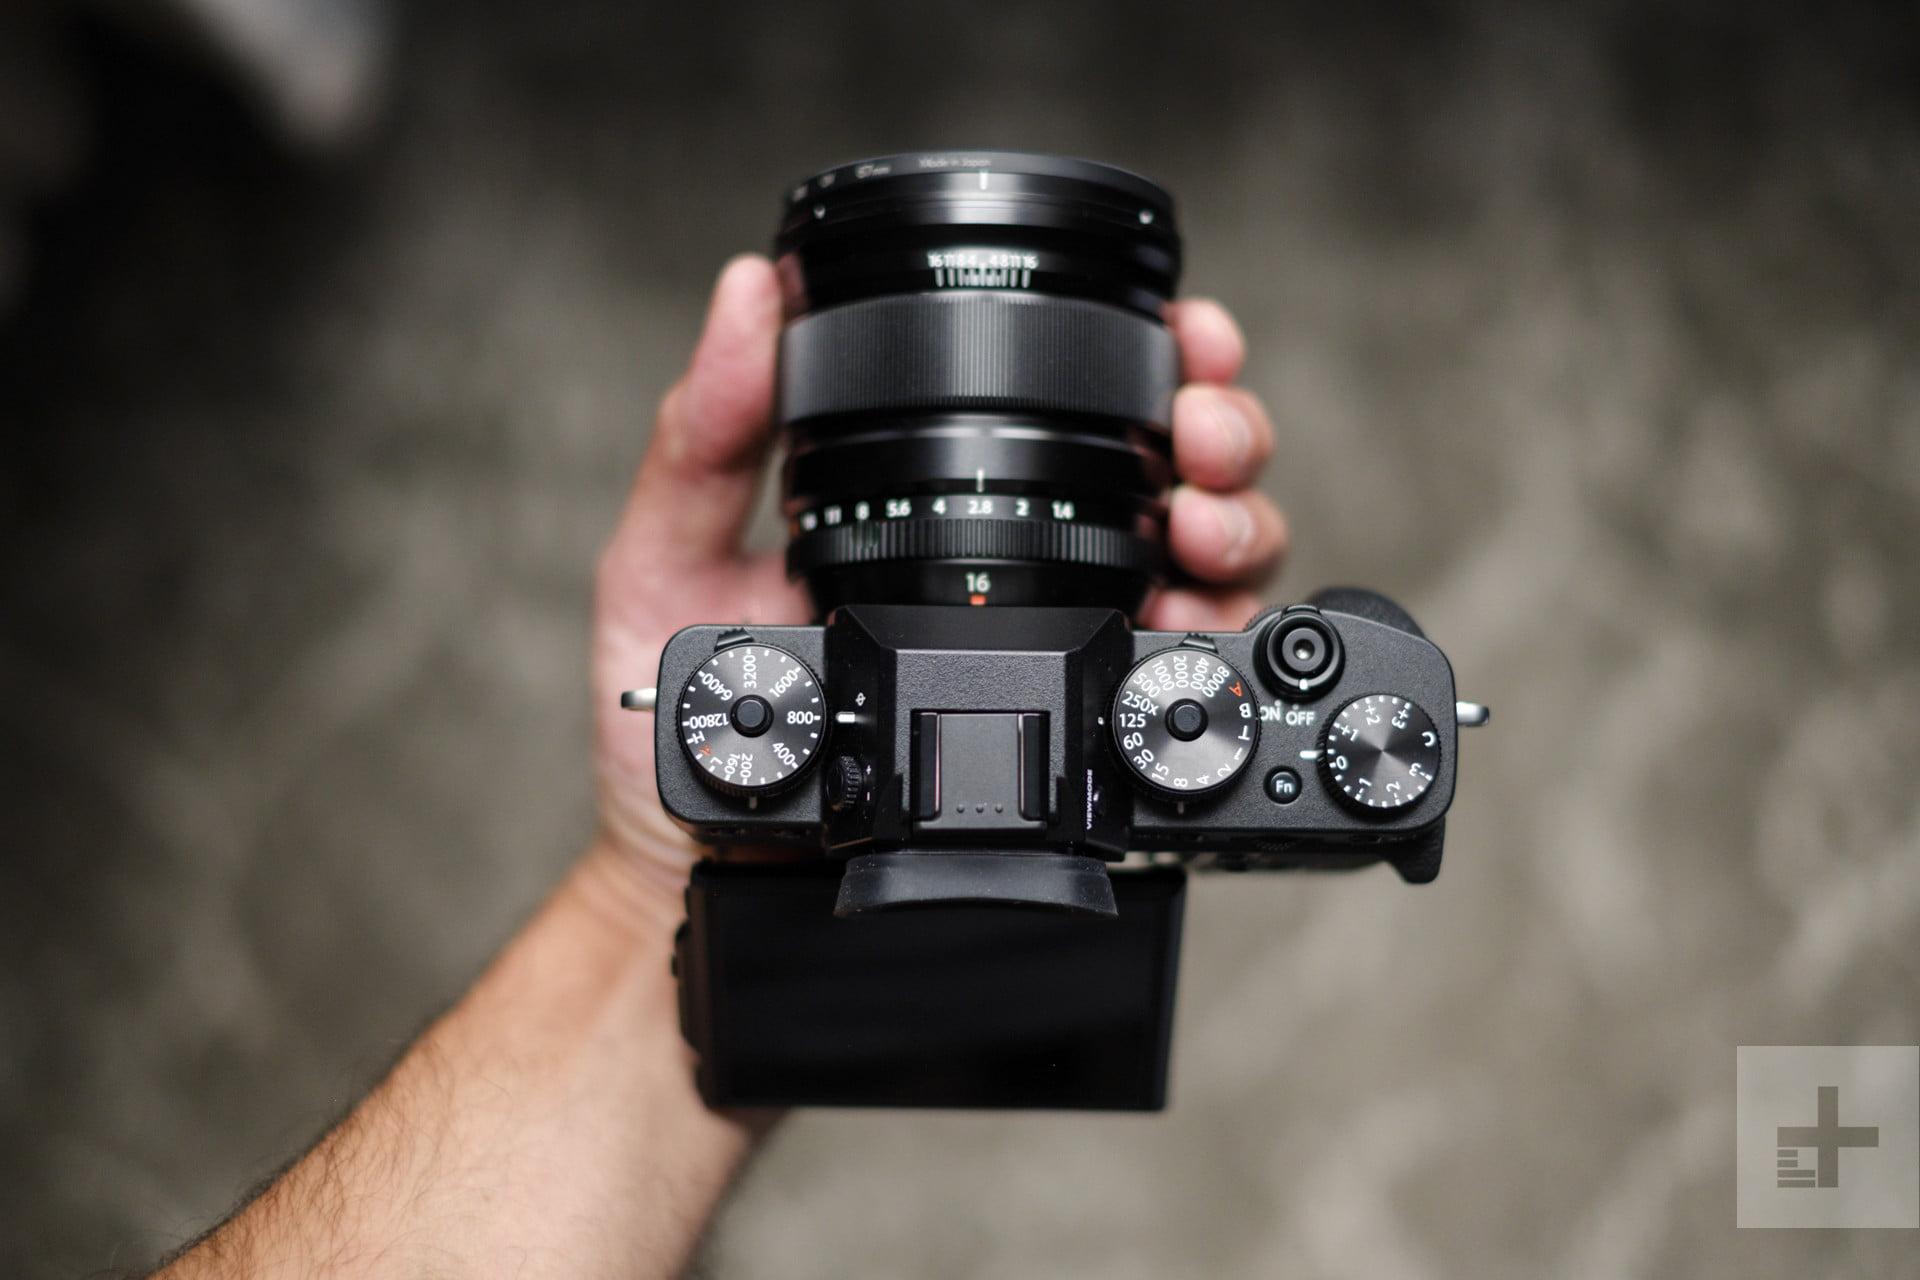 FUJI-TIP 40 (Jak vytvořit novou složku na SD kartě přes fotoaparát?)